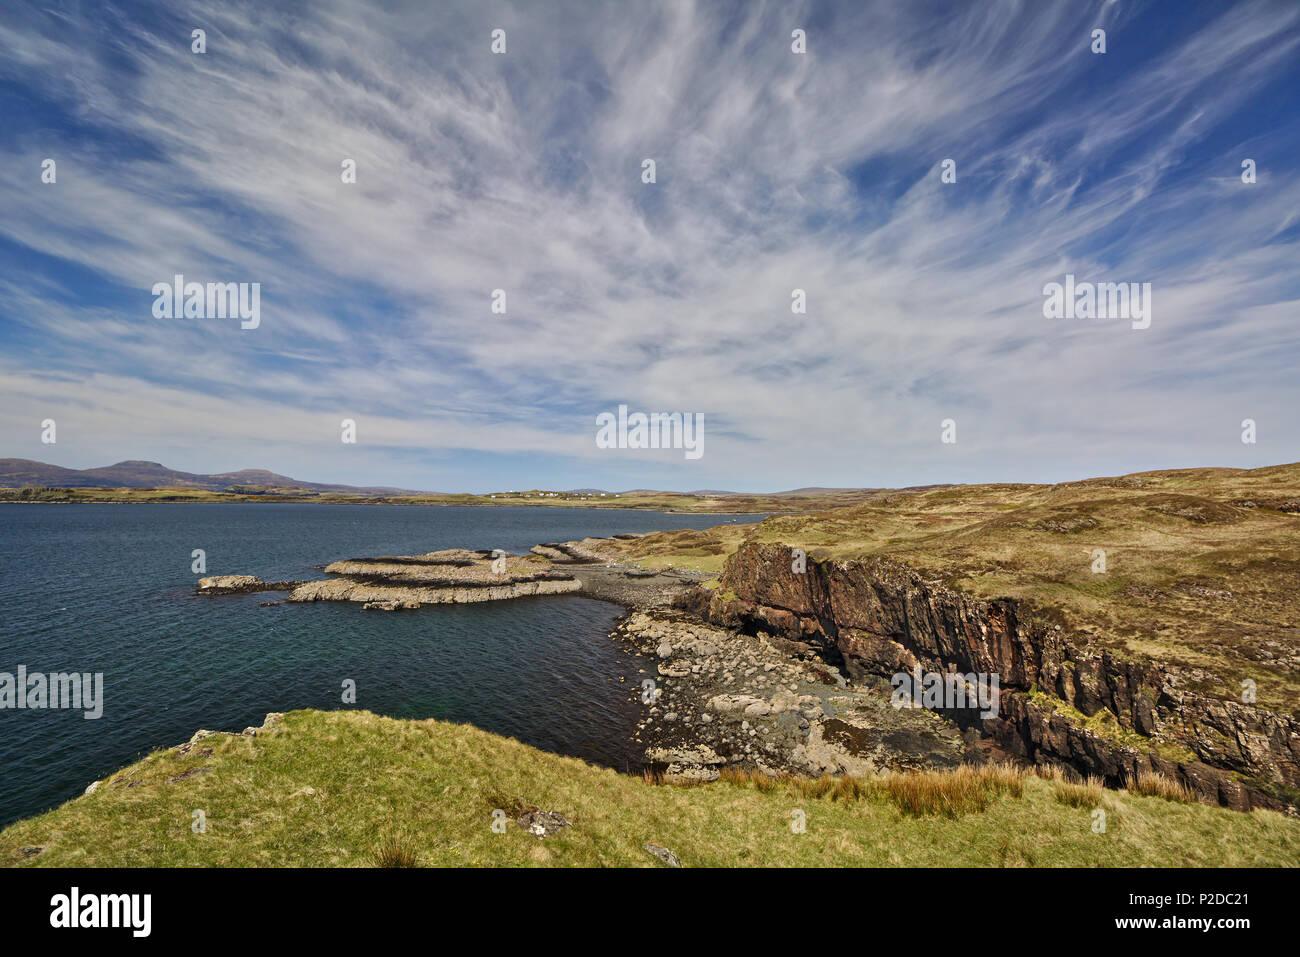 Acantilado con baja cabecero en el fondo y un cielo azul con nubes cirrus blanco Foto de stock